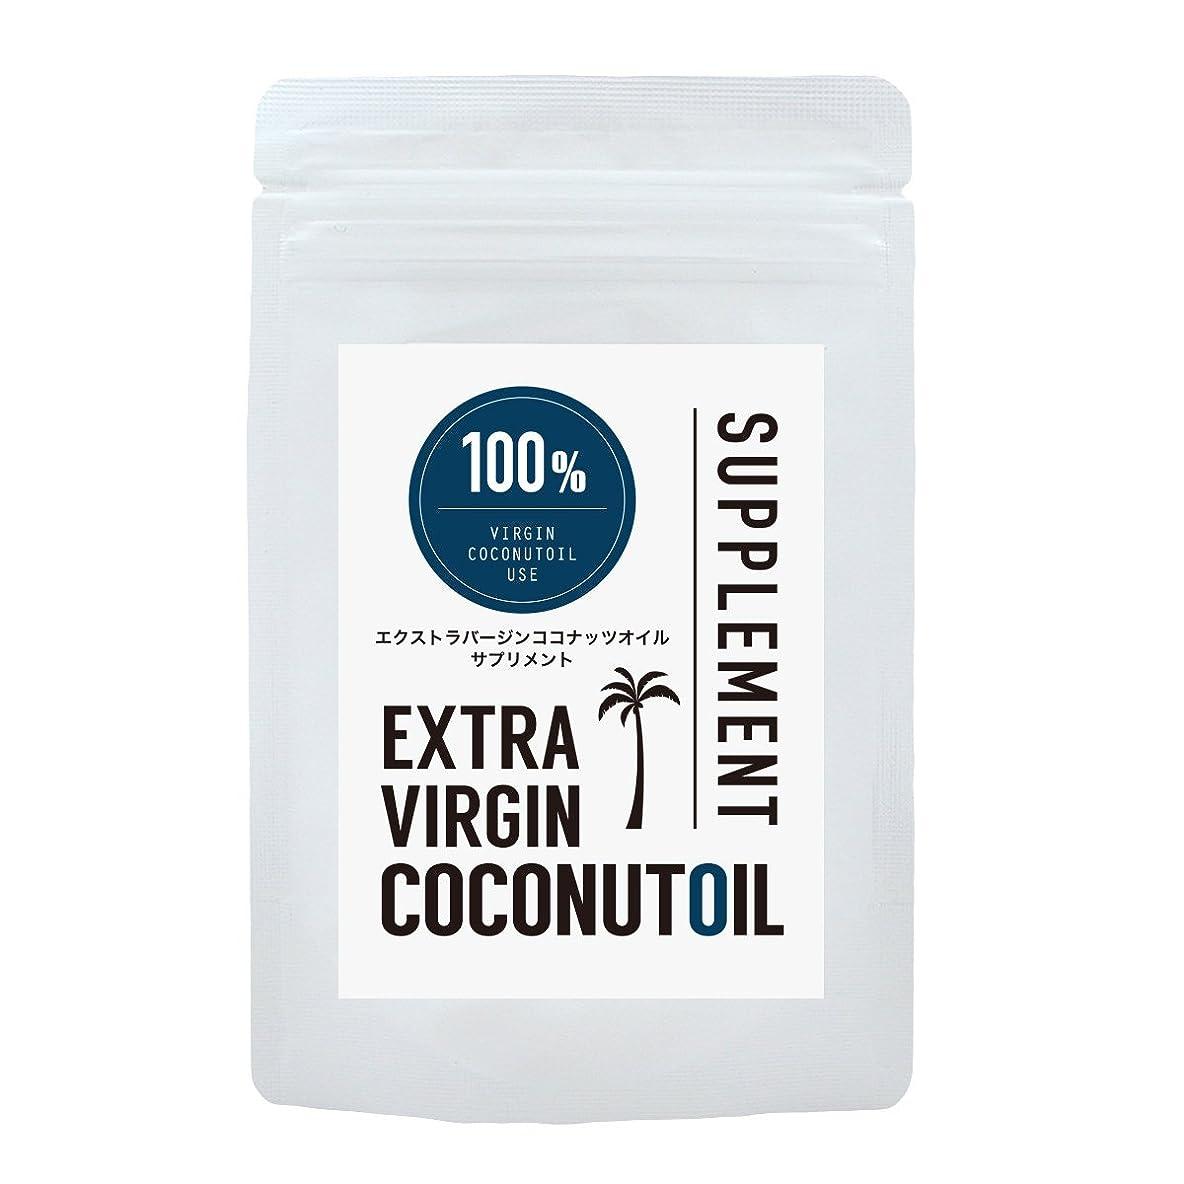 下着適応的不忠エクストラヴァージン ココナッツオイル サプリメント 90粒入り 無臭 カプセルタイプ